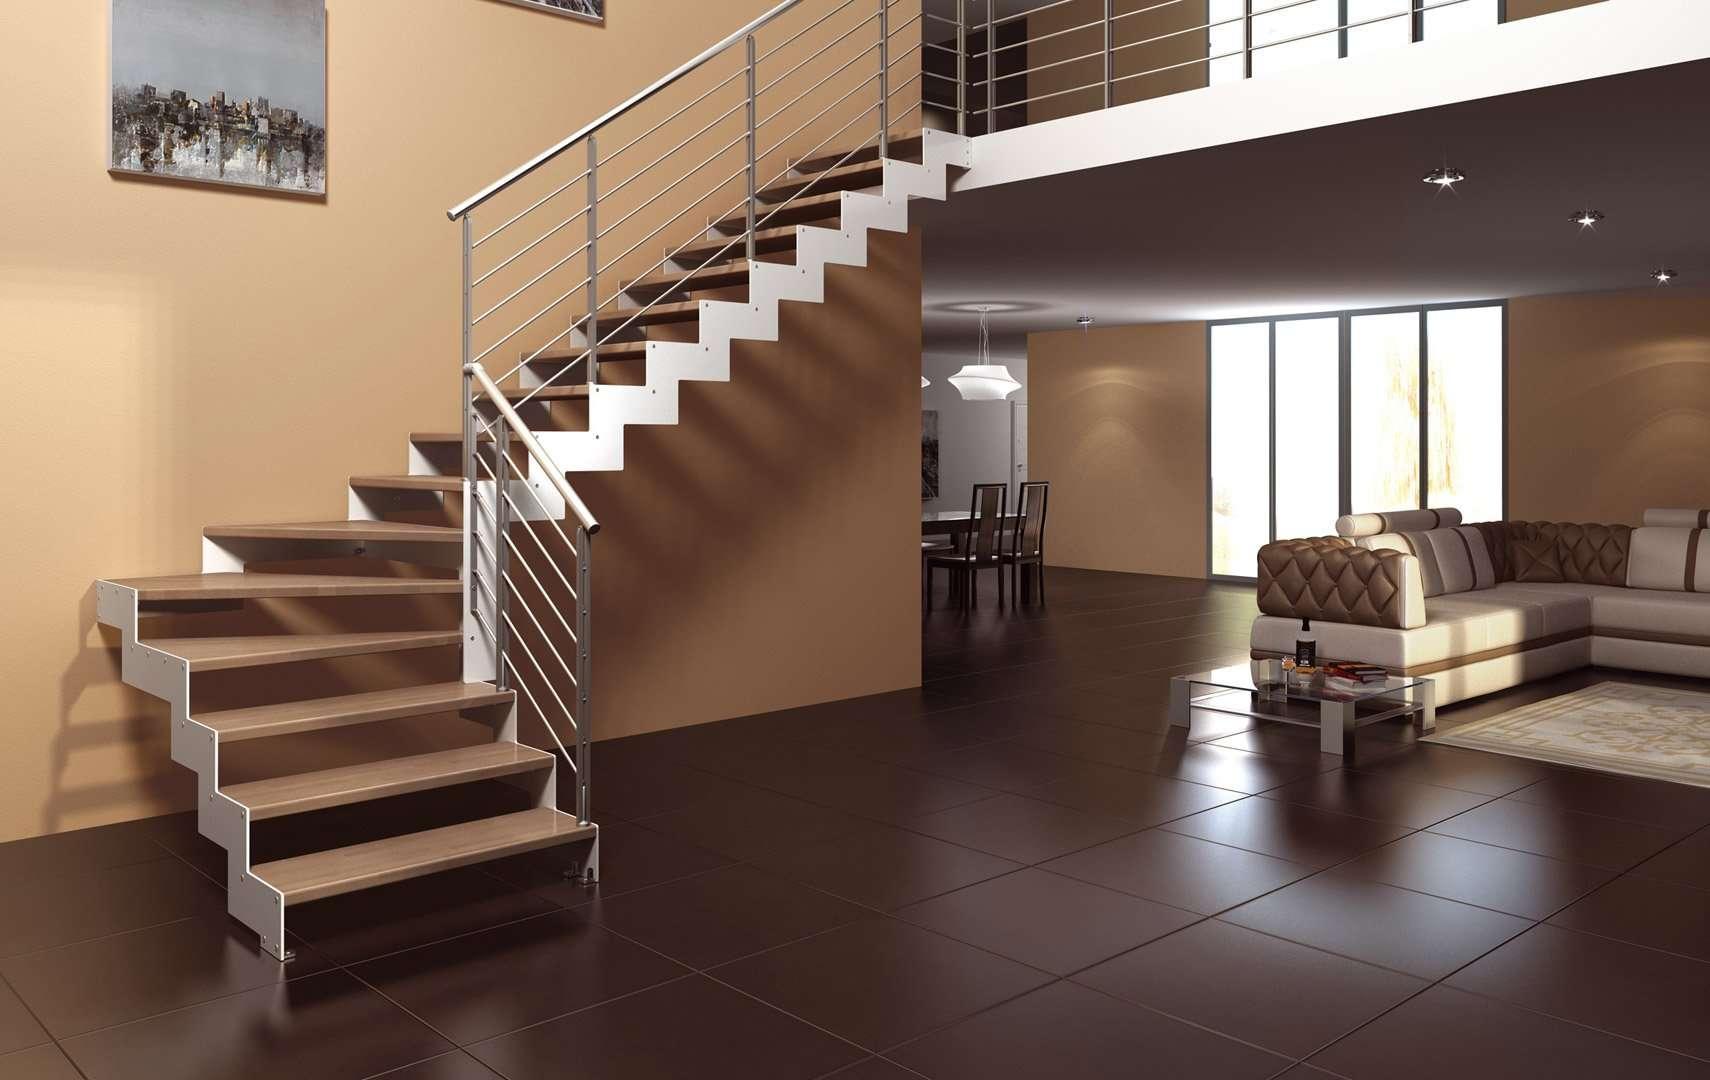 Conosciuto ᐅ Rexal | Scale interne moderne in legno: scegli i modelli più  WO69